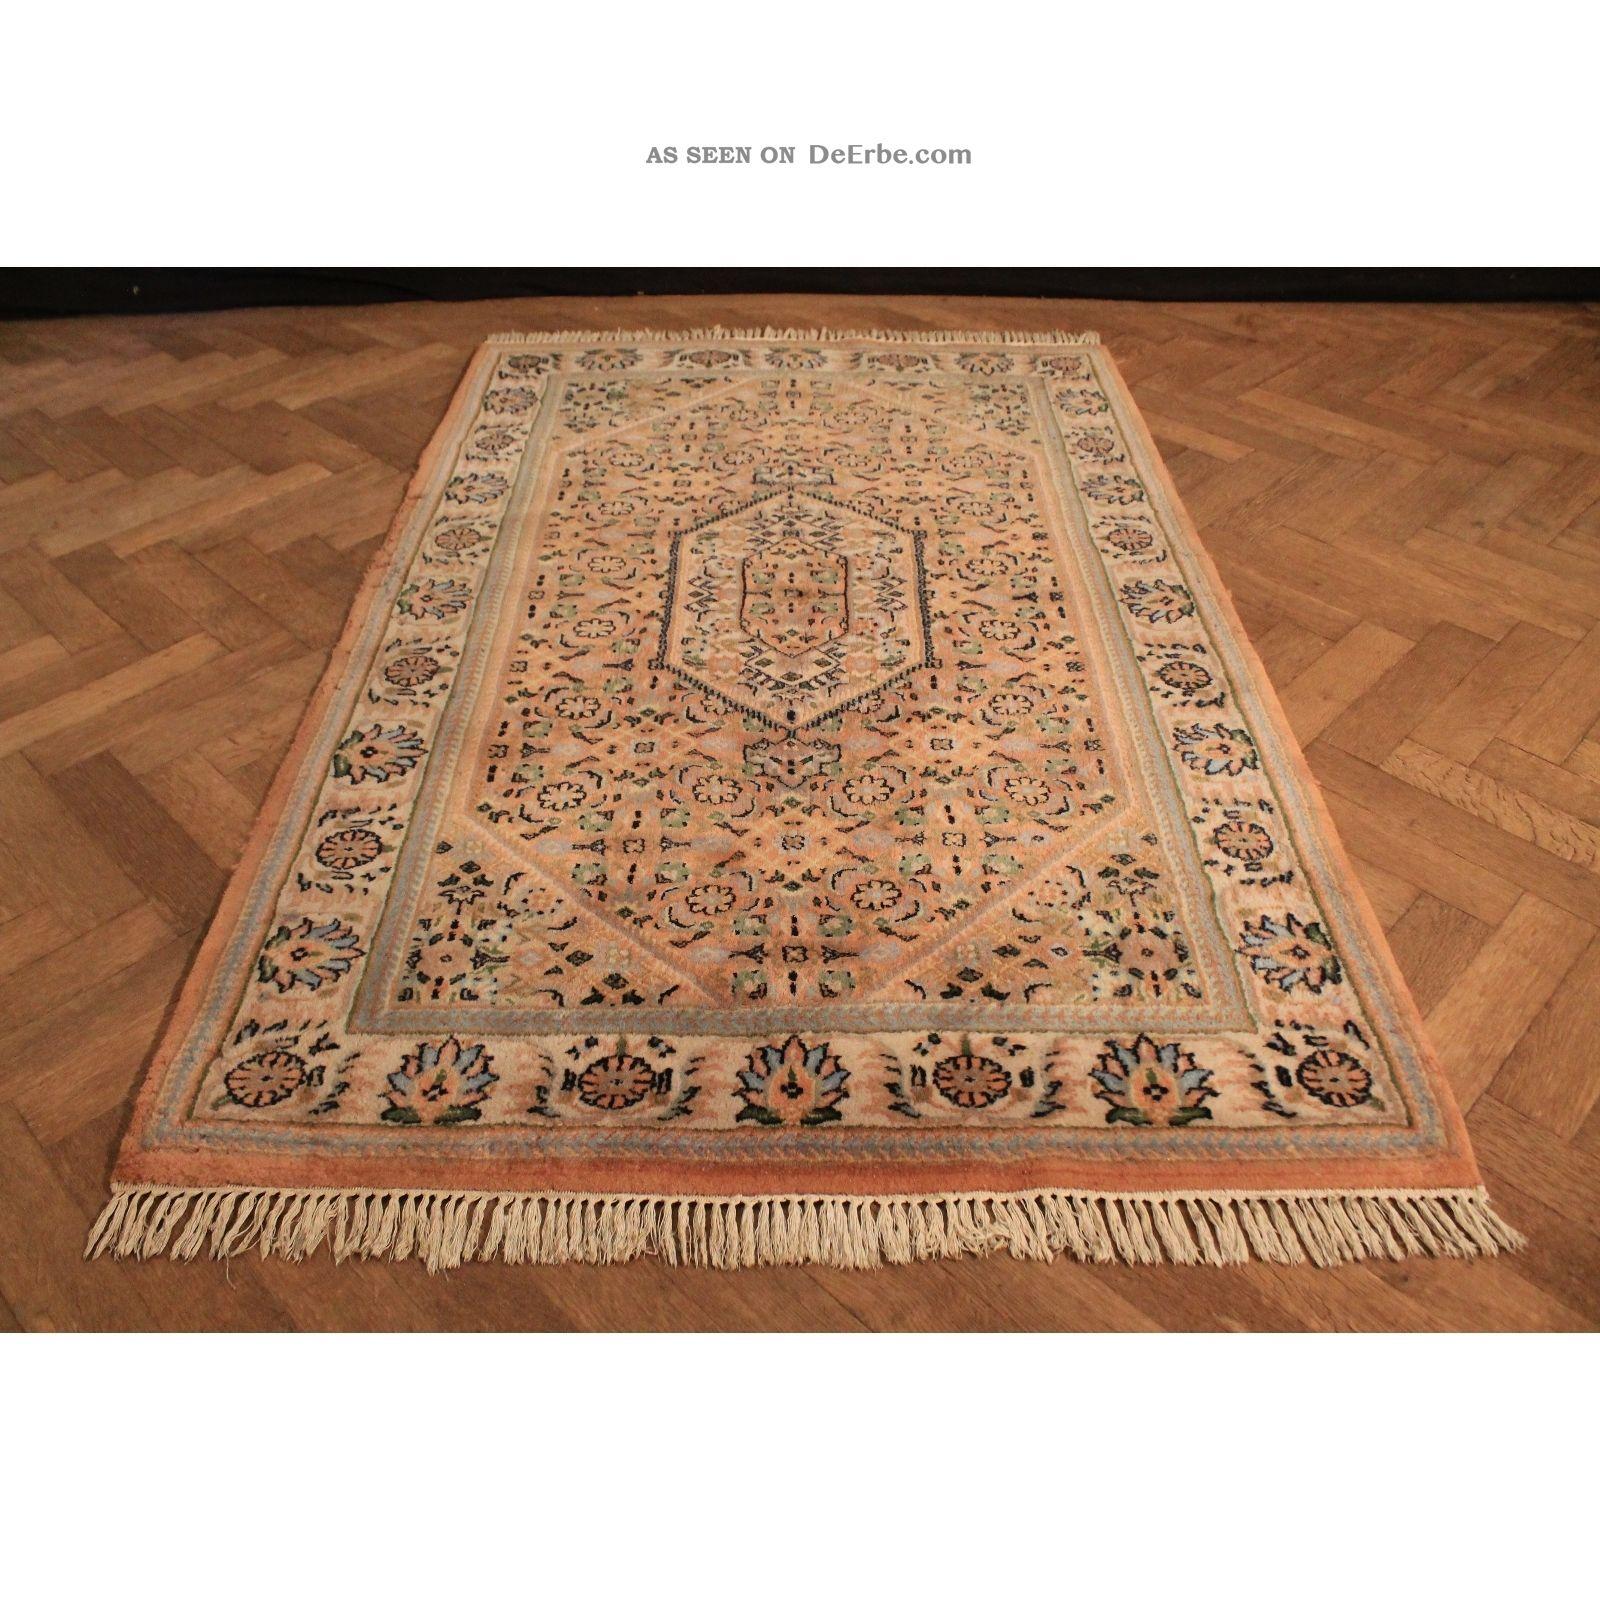 Alter Handgeknüpfter Blumen Orient Teppich Herati Nain Kum Carpet Rug 130x200cm Teppiche & Flachgewebe Bild